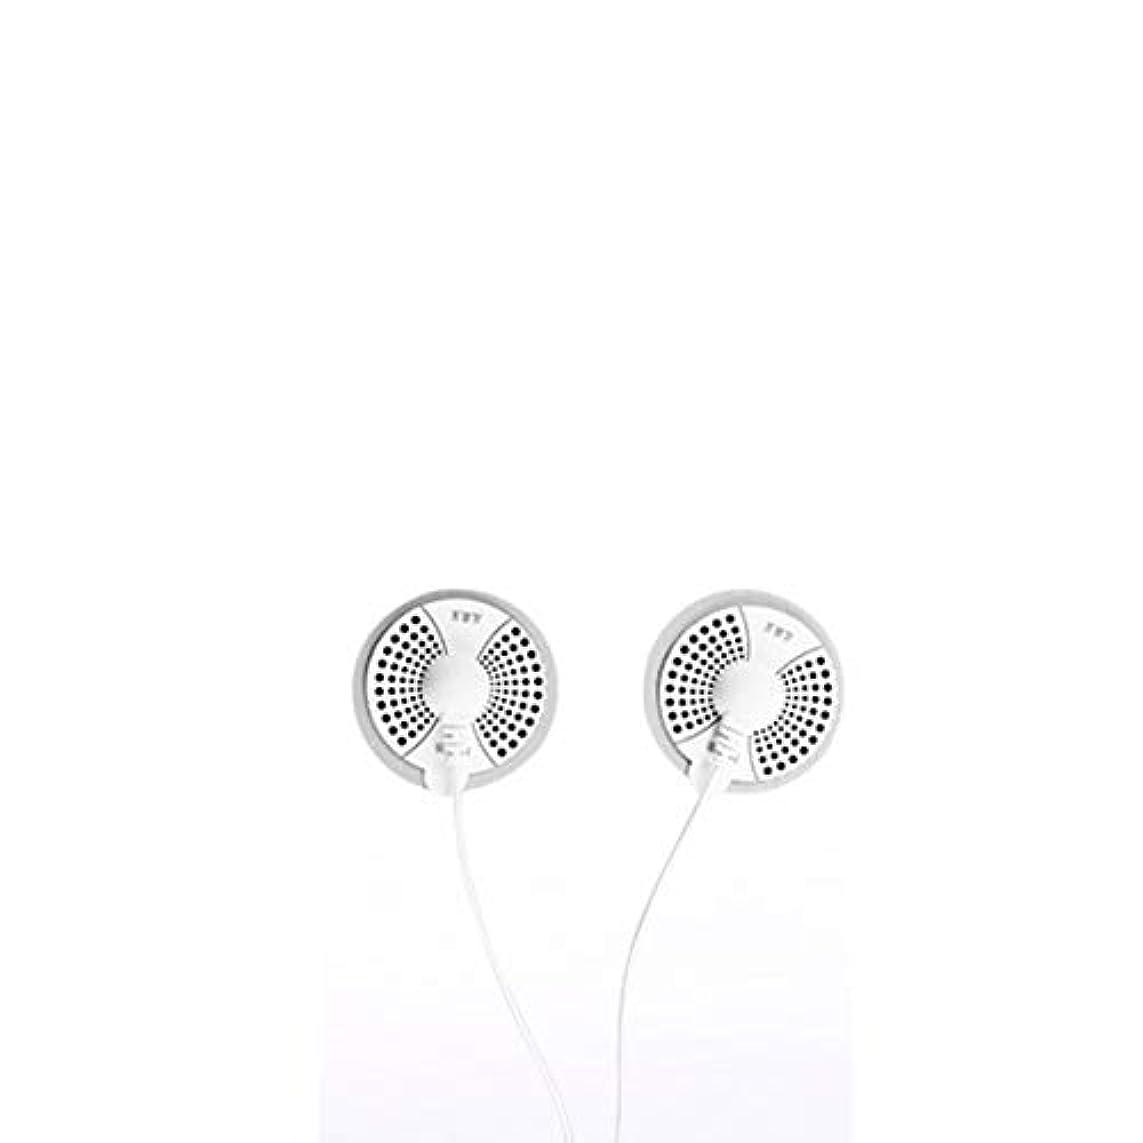 ライブ絶滅した中古インターコアリー携帯電話USB首と肩のミニマッサージパルス振動ボディマッサージ理学療法ヘルスケアツール